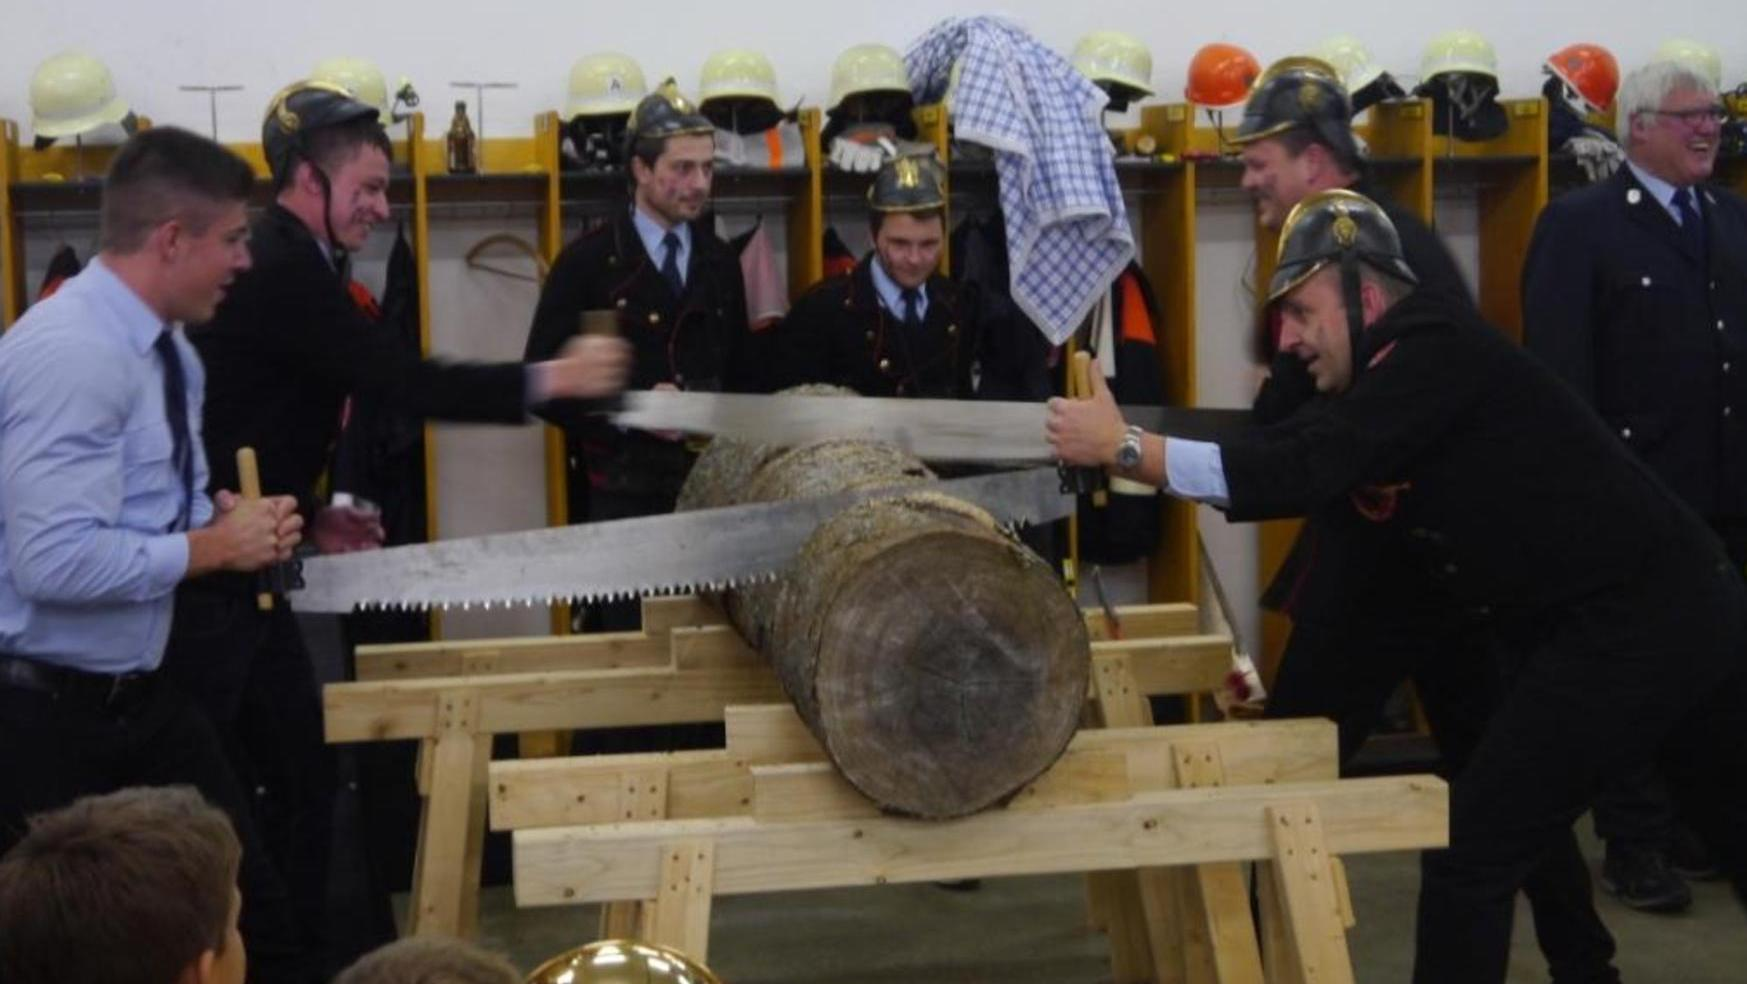 Schweißtreibende Aufgabe: Erst zum Schluss kamen diese großen Sägen zum Einsatz, am Anfang wurde zur Laubsäge gegriffen.